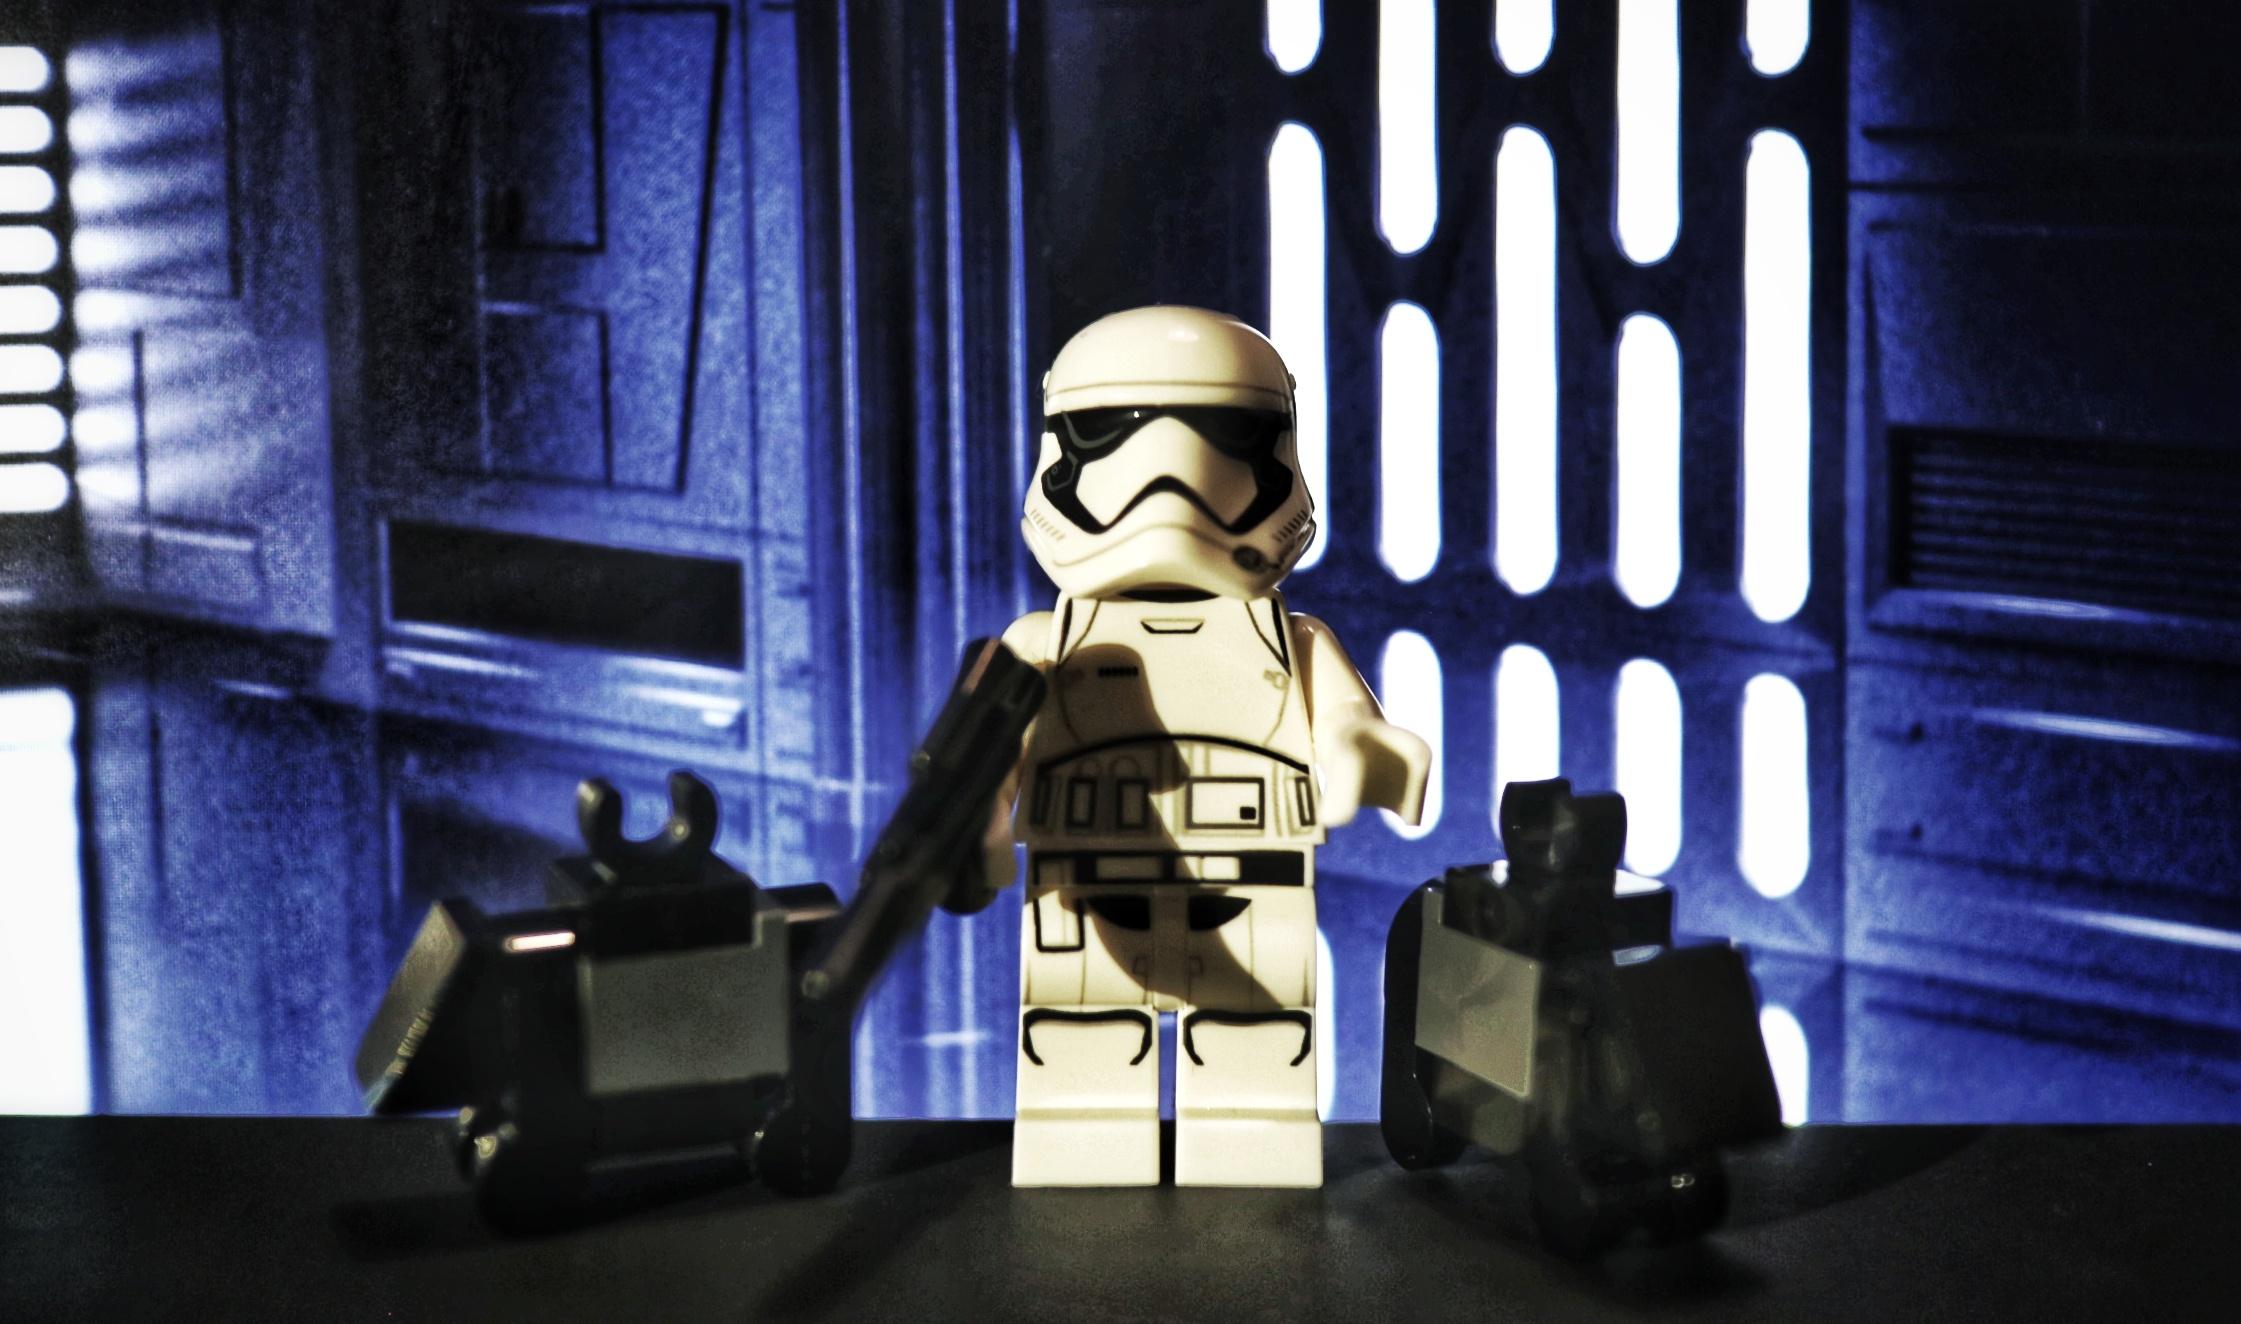 Lego-Adventskalender: Stormtrooper und Mouse Droids